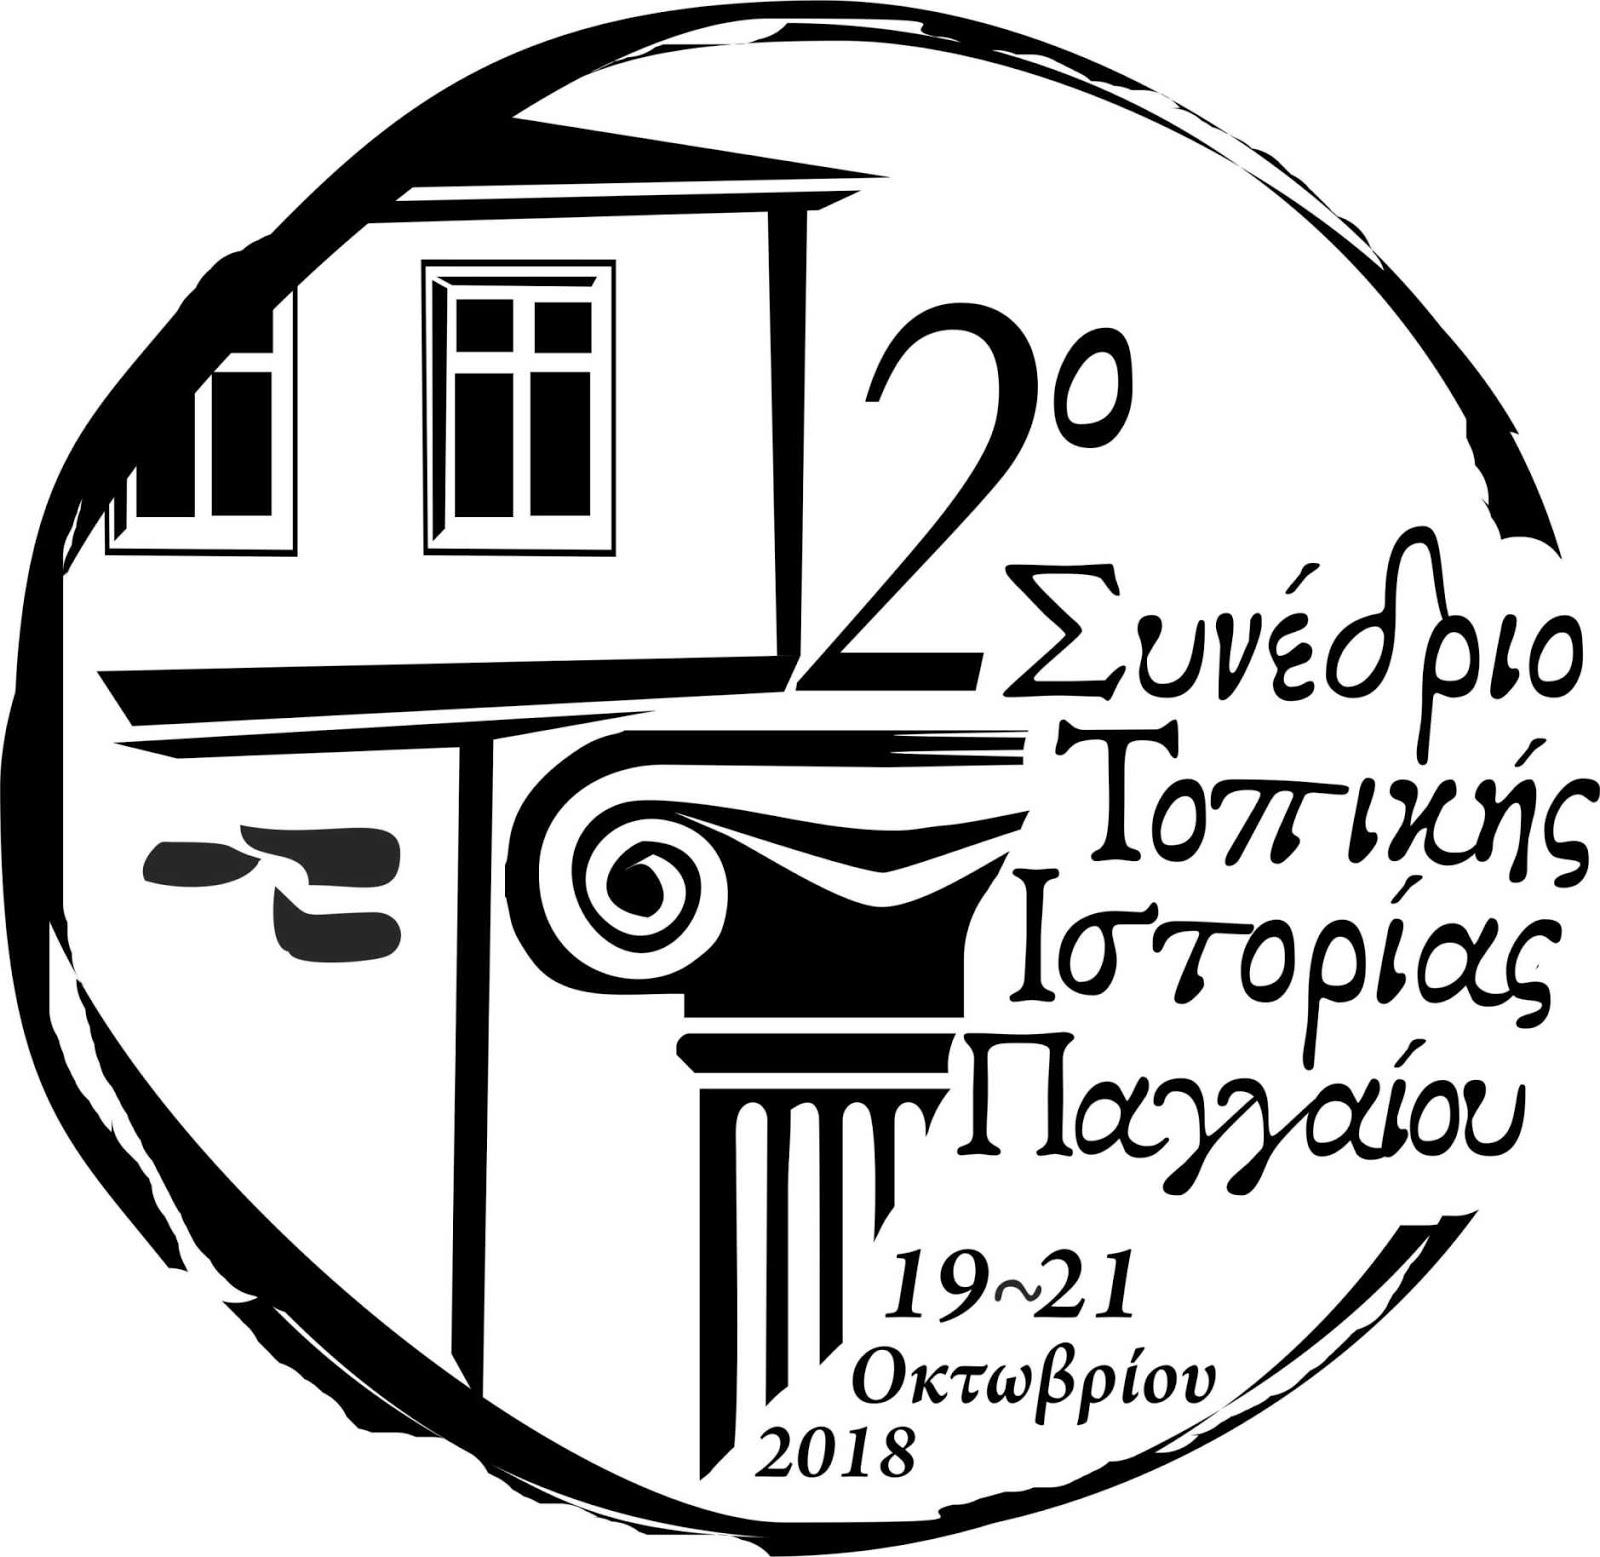 2ο Συνέδριο Τοπικής Ιστορίας Παγγαίου